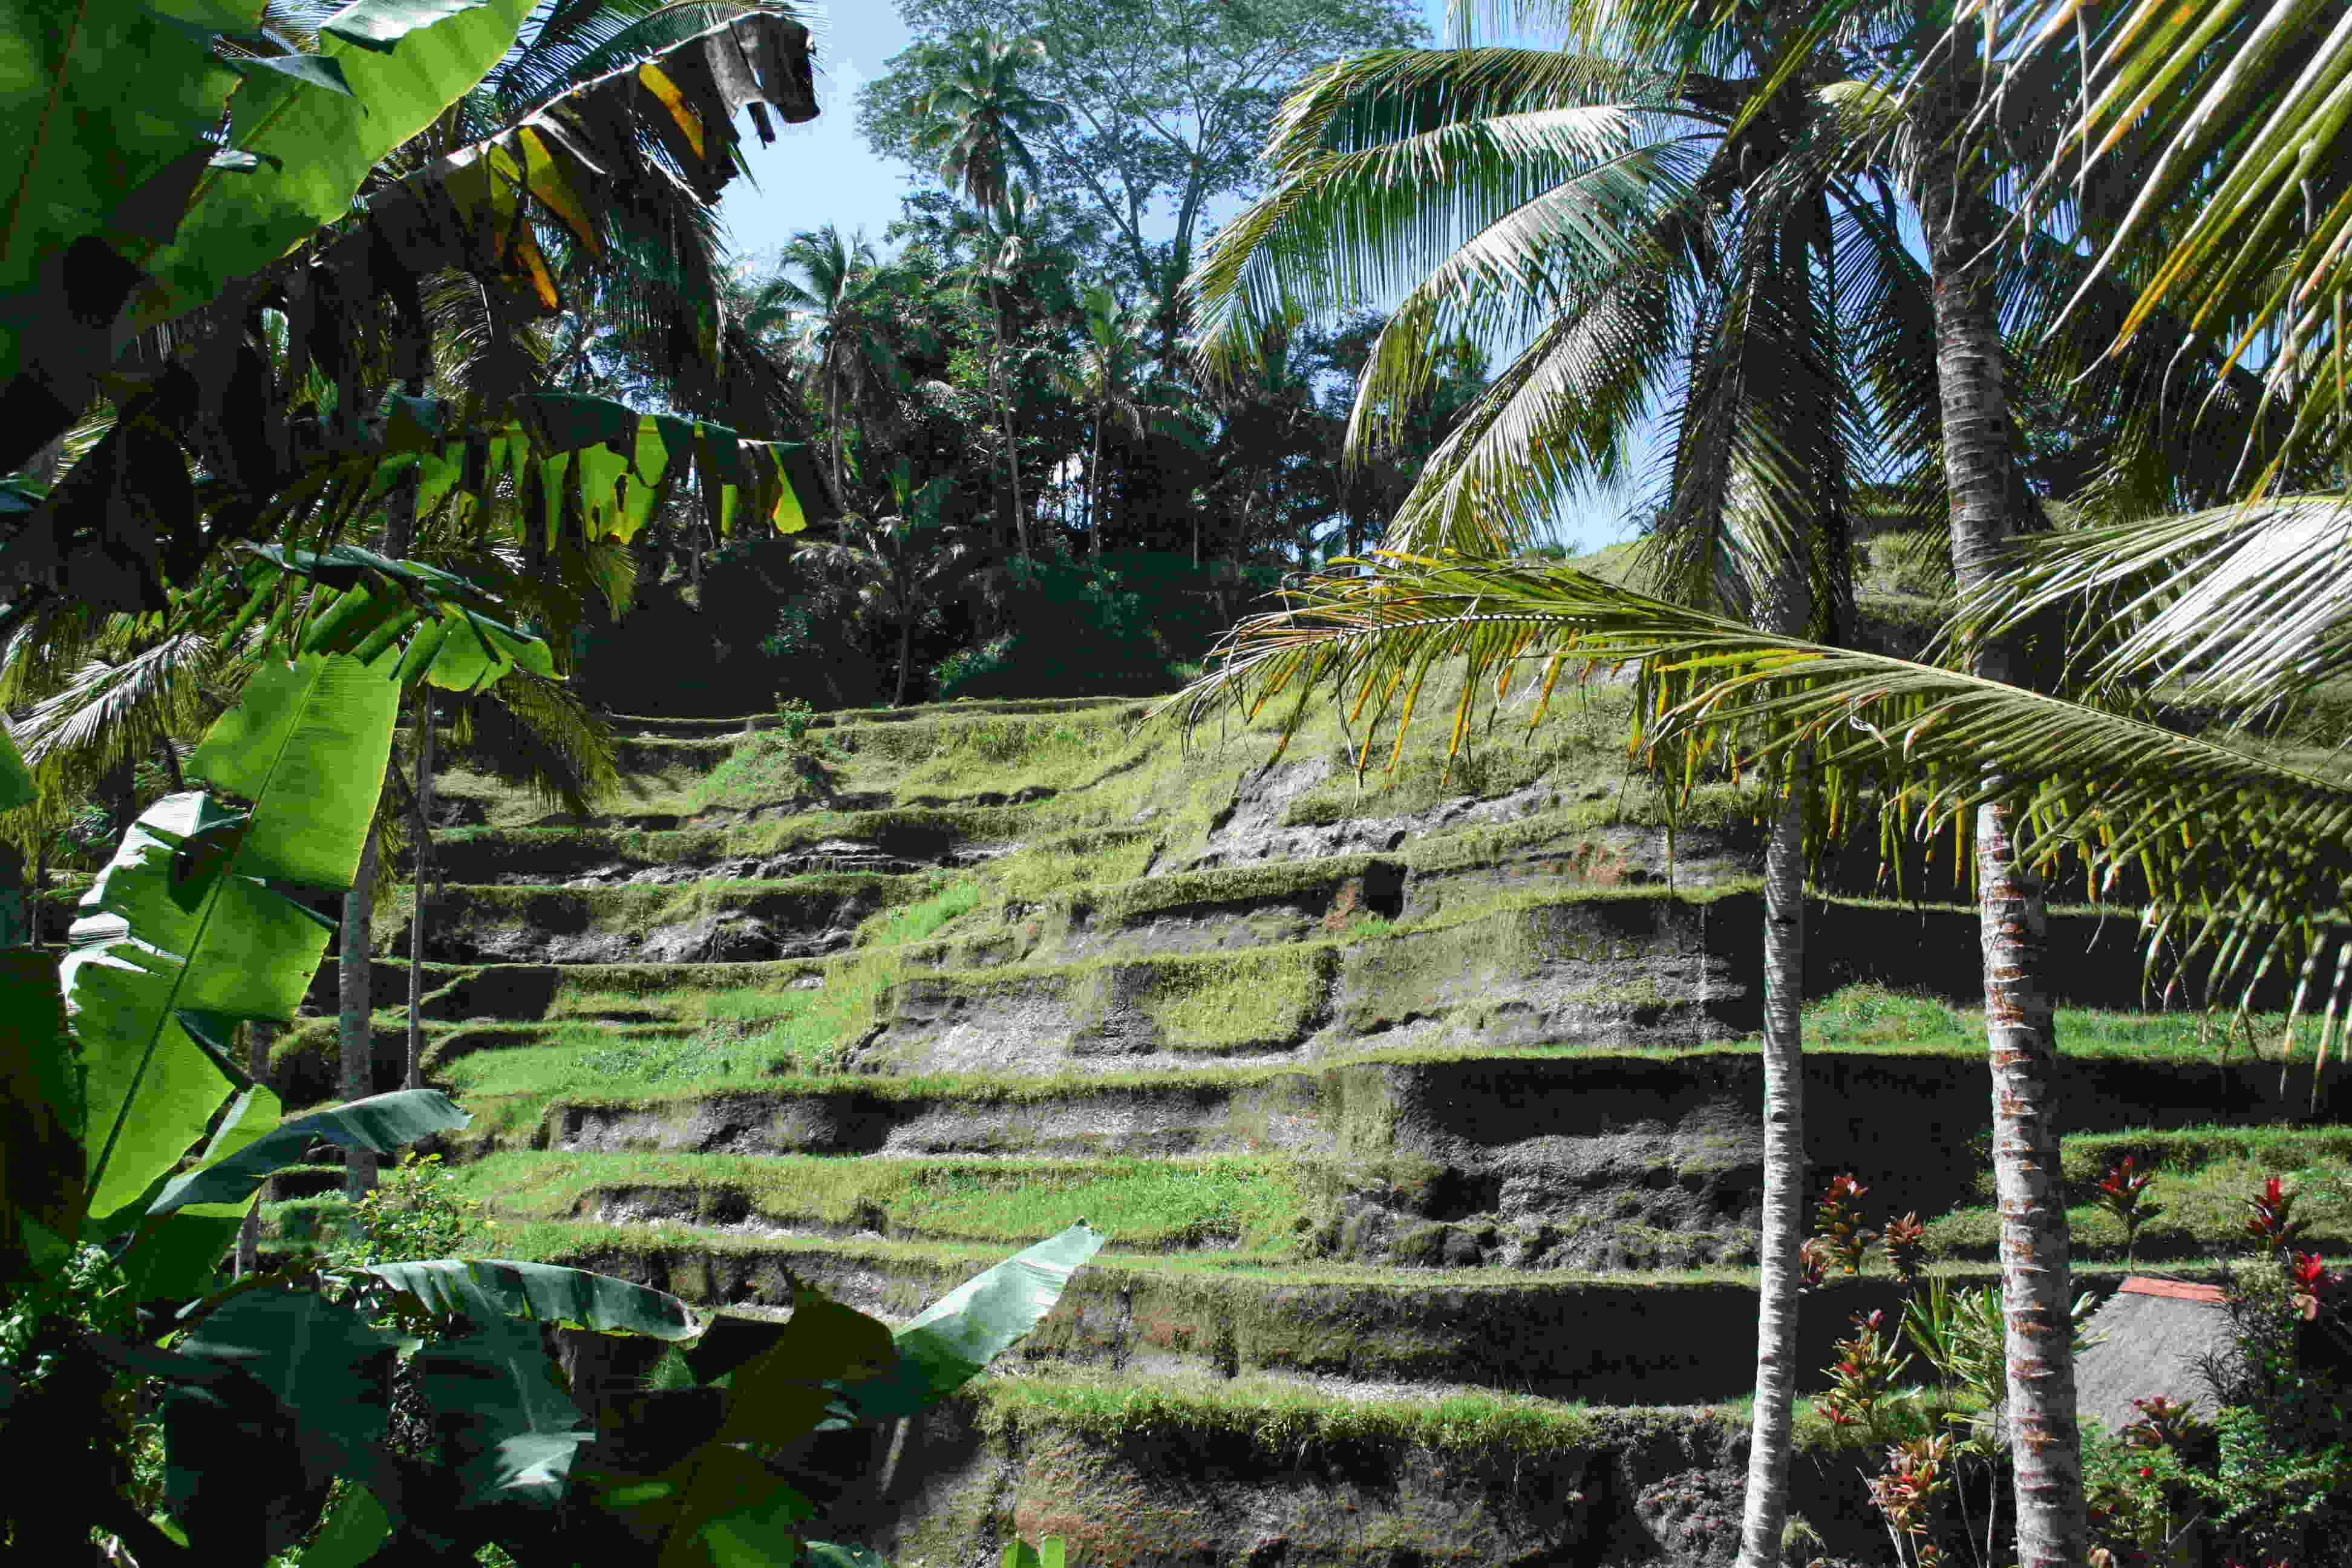 Les rizières à Ubud